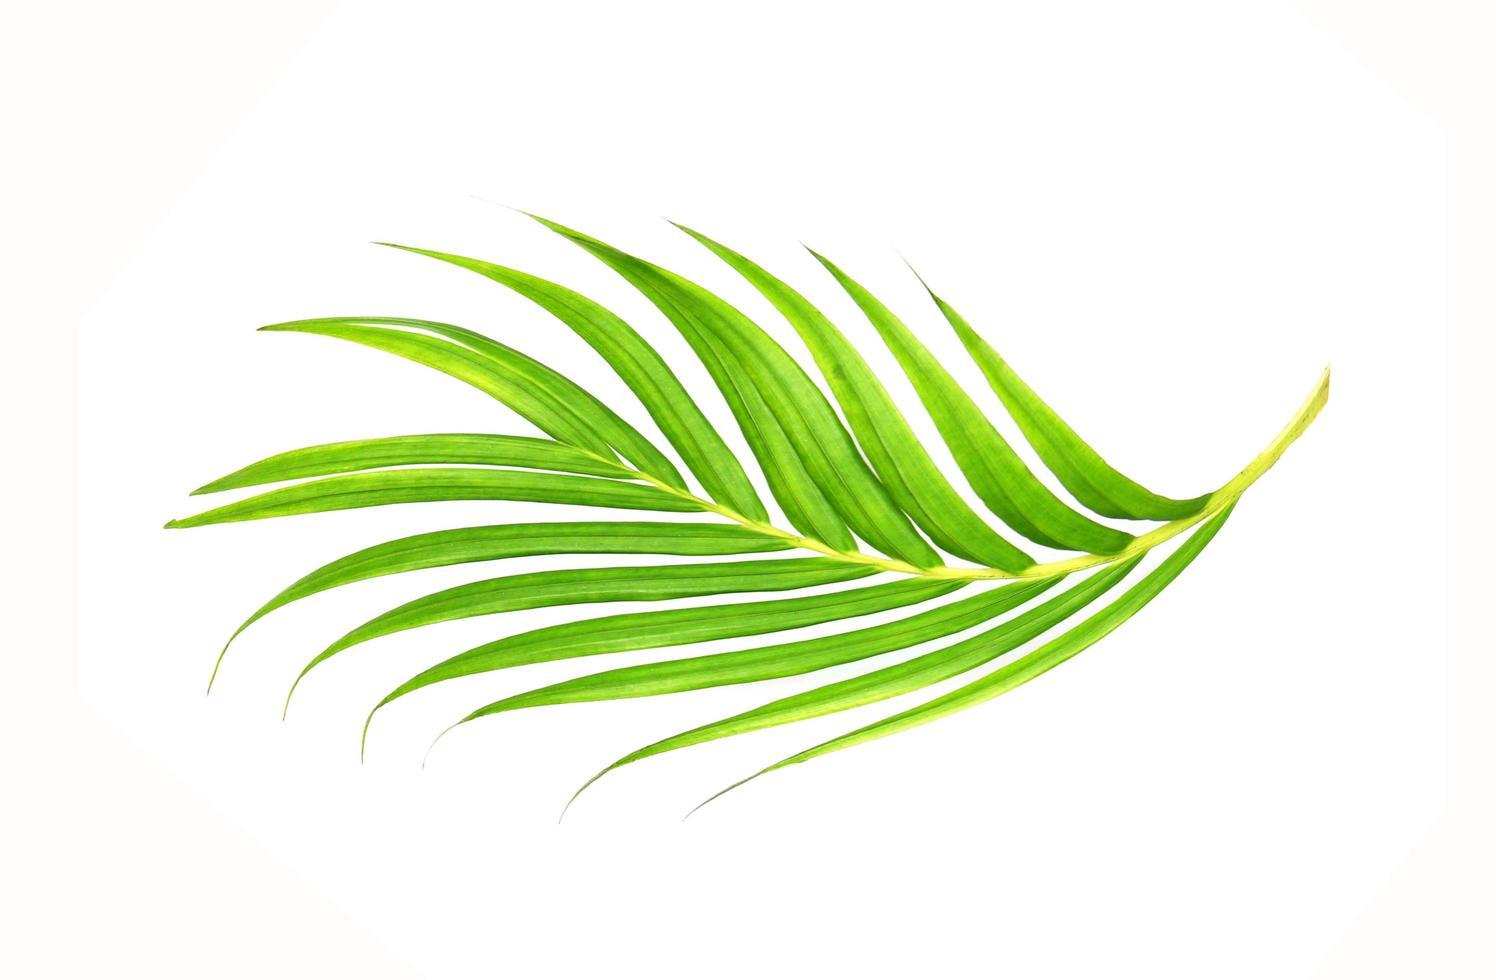 vibrante foglia verde brillante foto